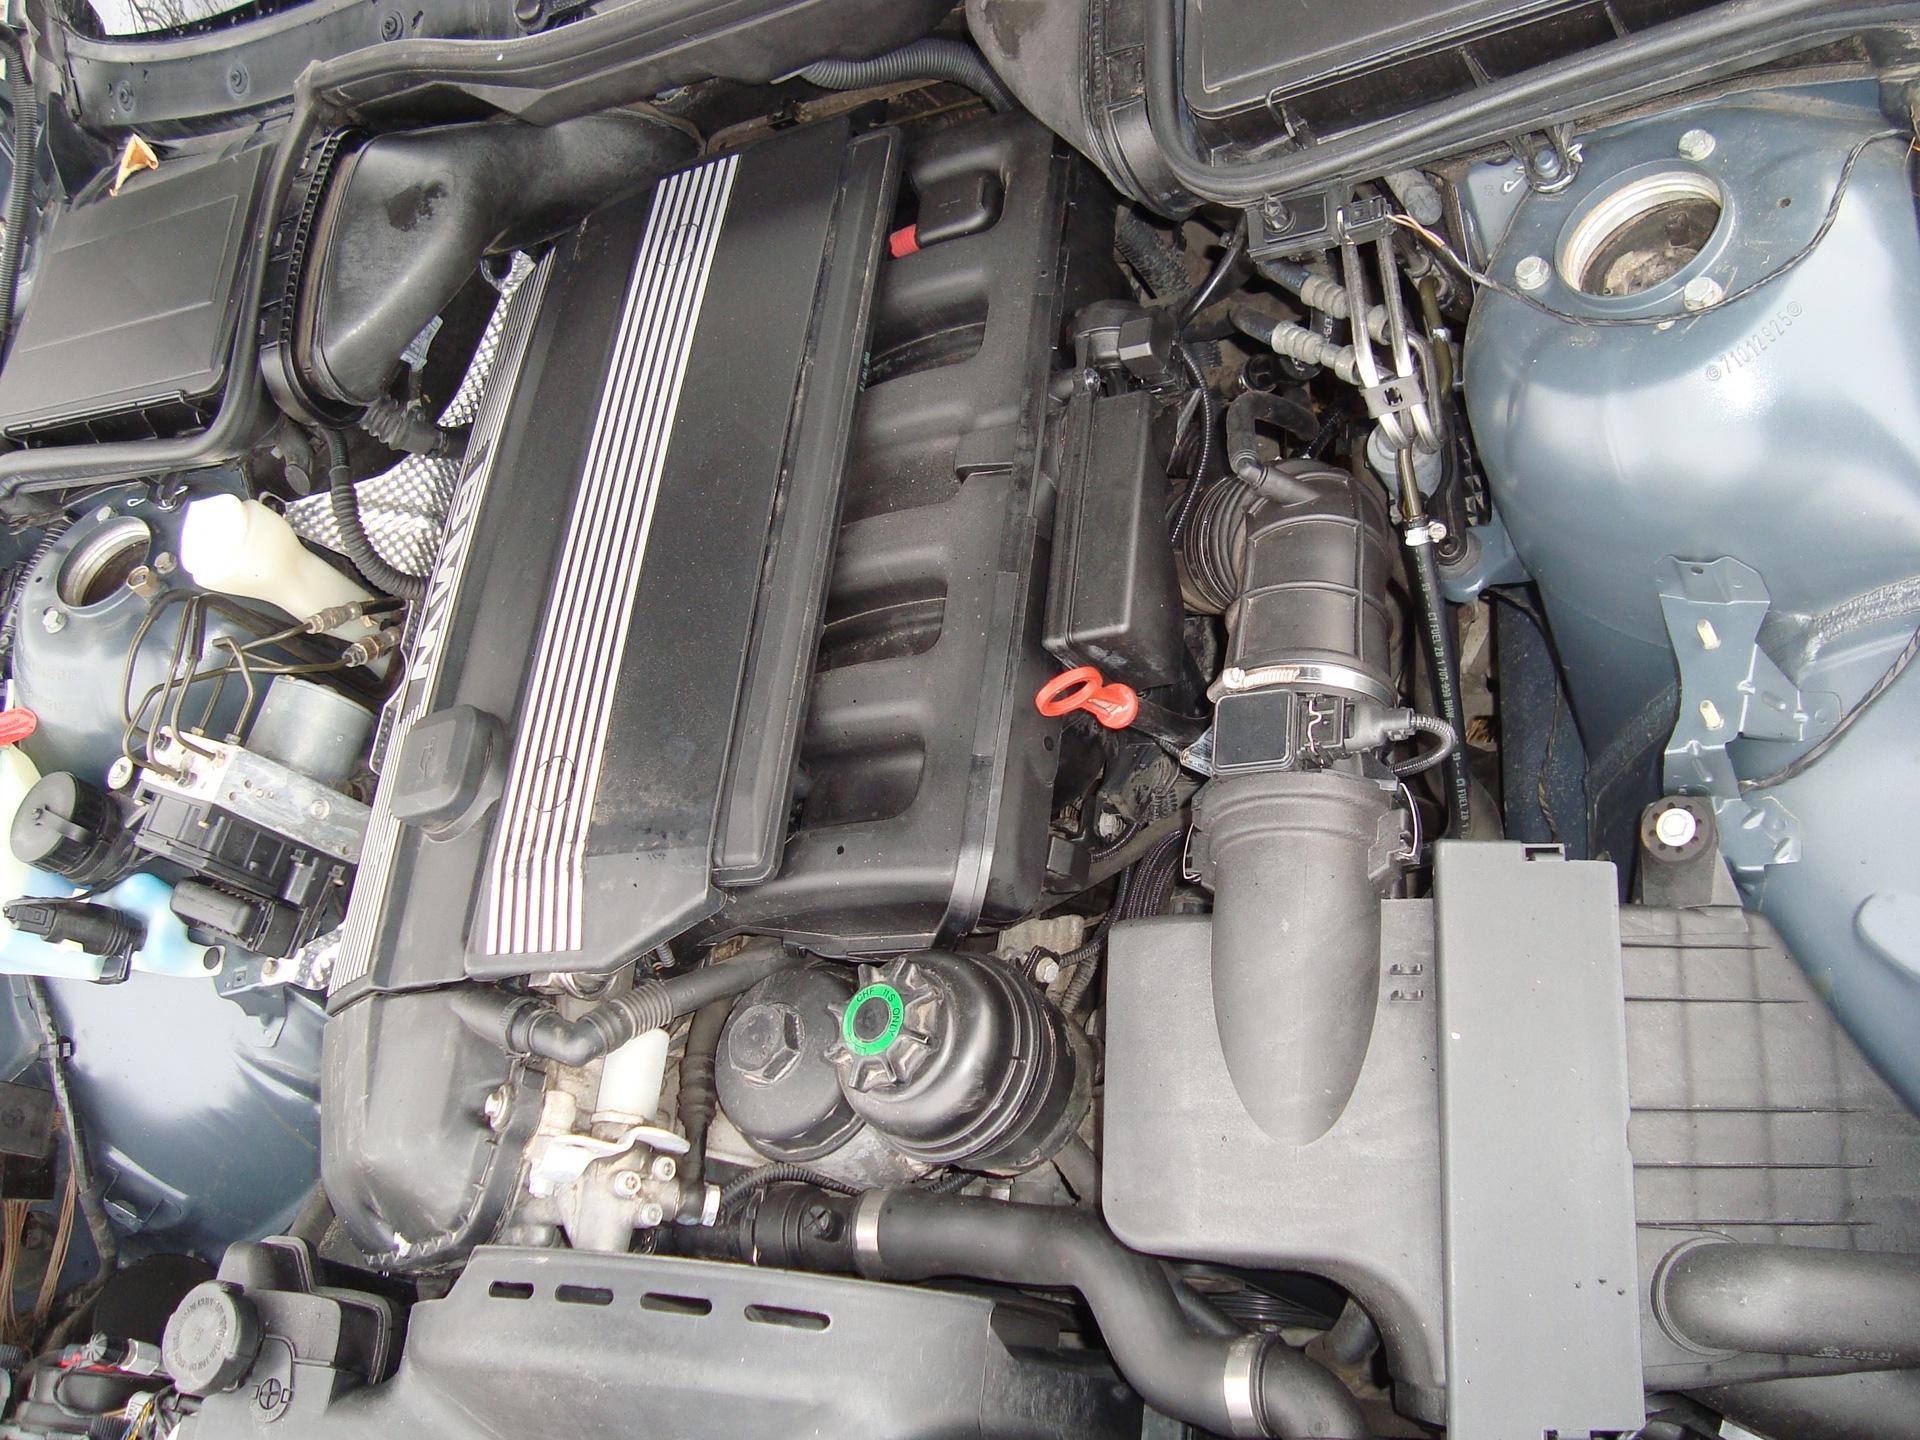 Фото № 6154 Как заменить клапан рециркуляции карторных газов на бмв е-46 двигатель м-54